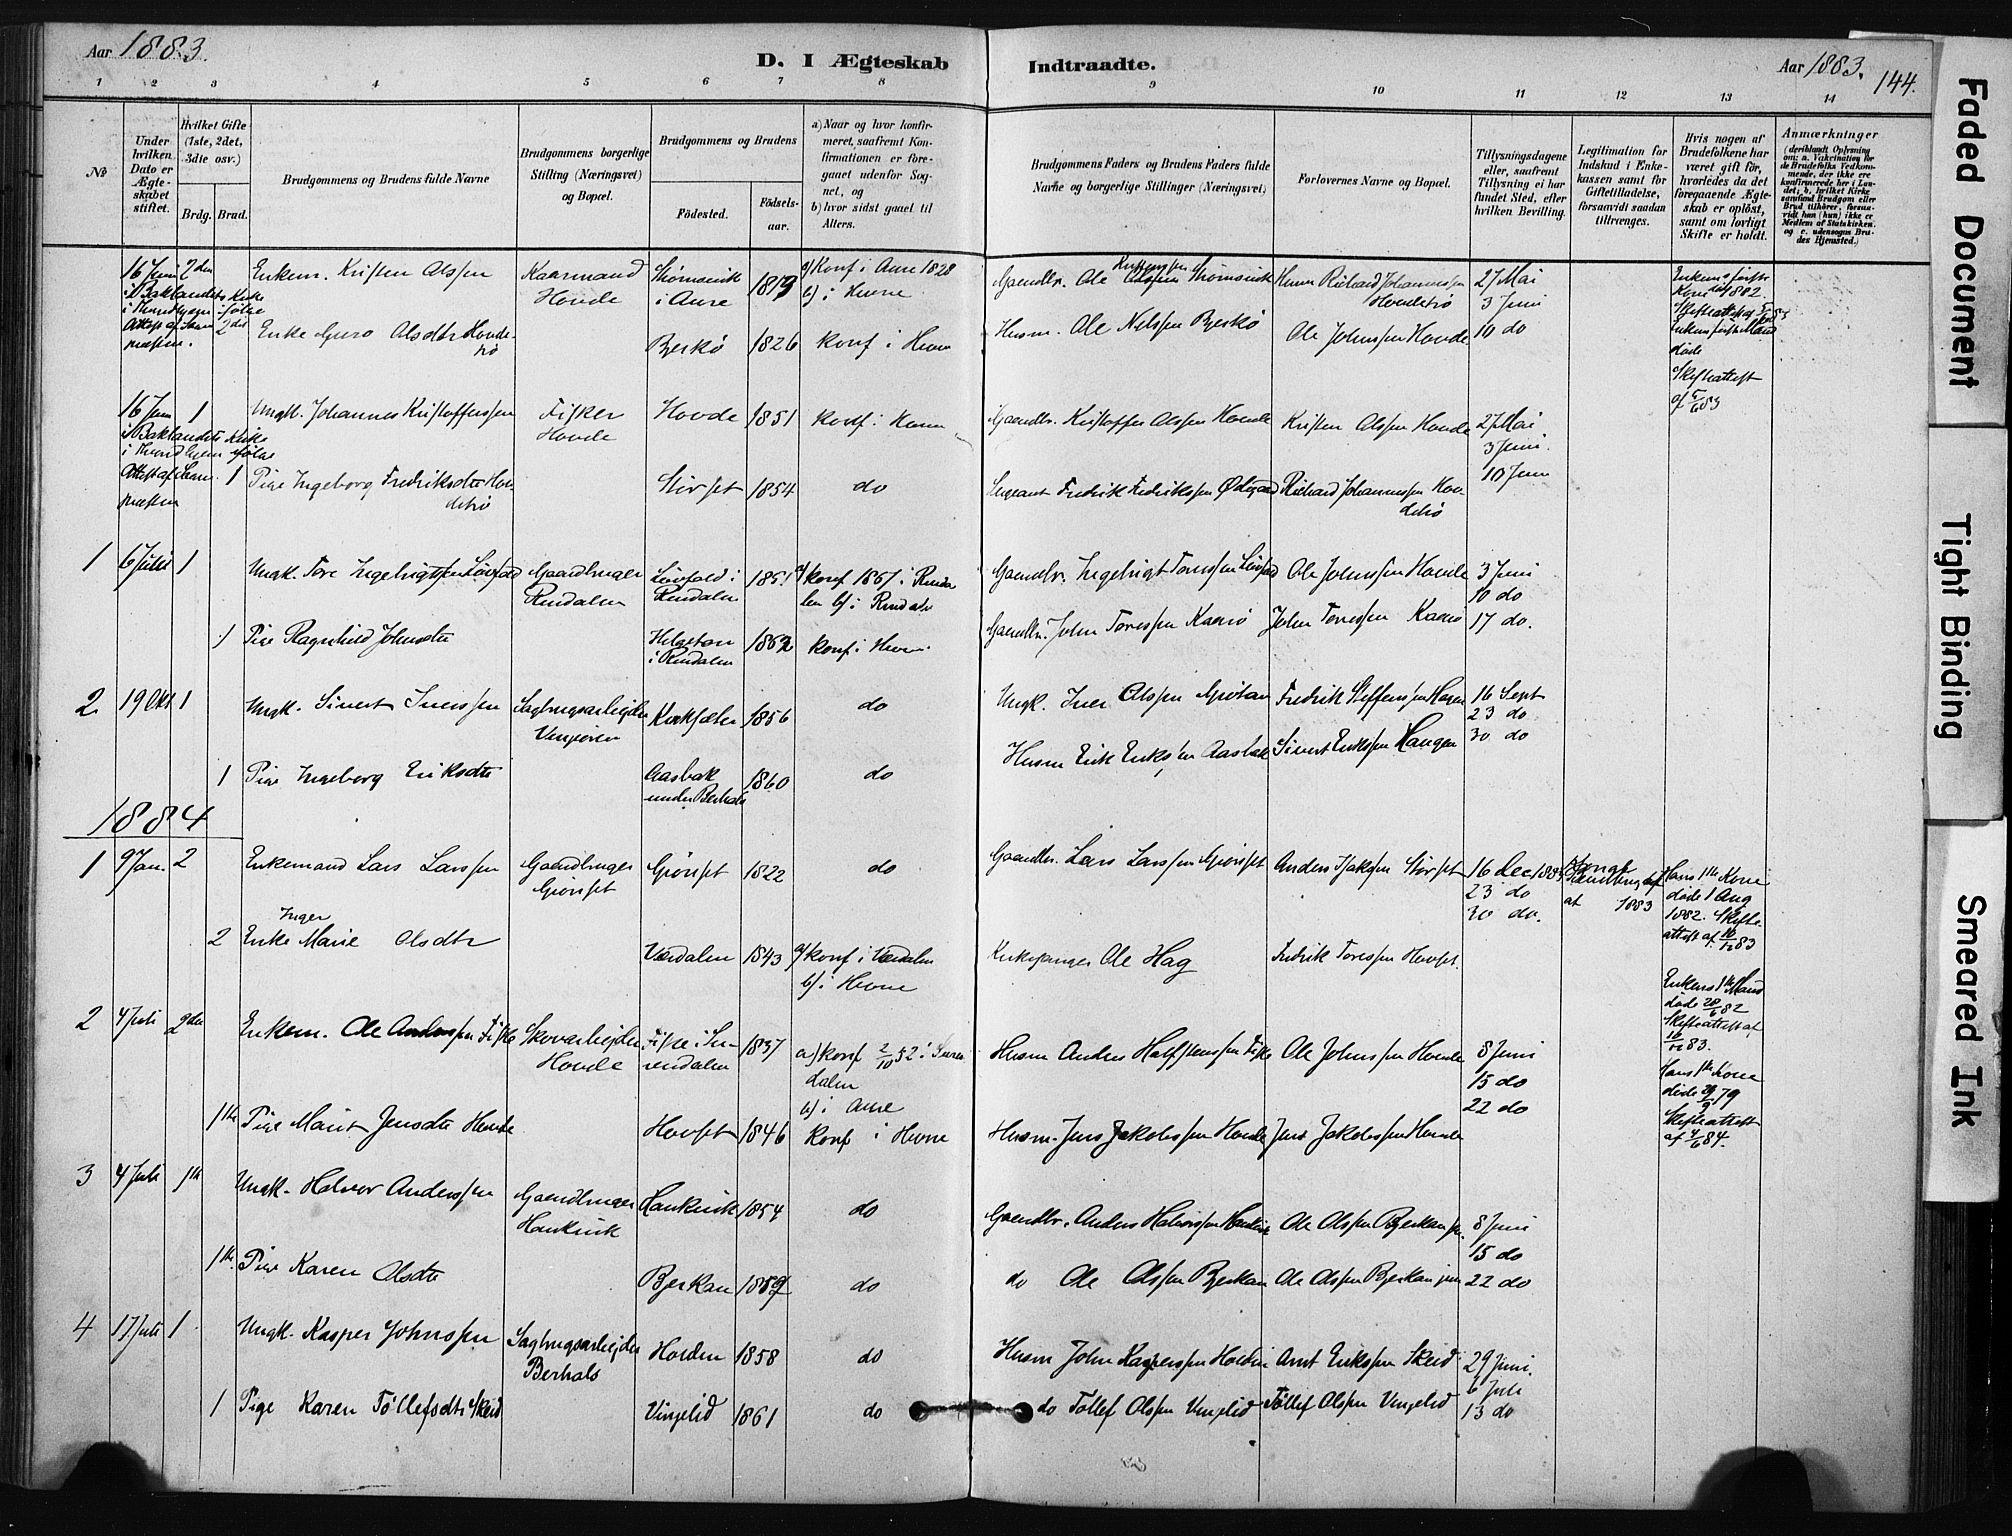 SAT, Ministerialprotokoller, klokkerbøker og fødselsregistre - Sør-Trøndelag, 631/L0512: Ministerialbok nr. 631A01, 1879-1912, s. 144